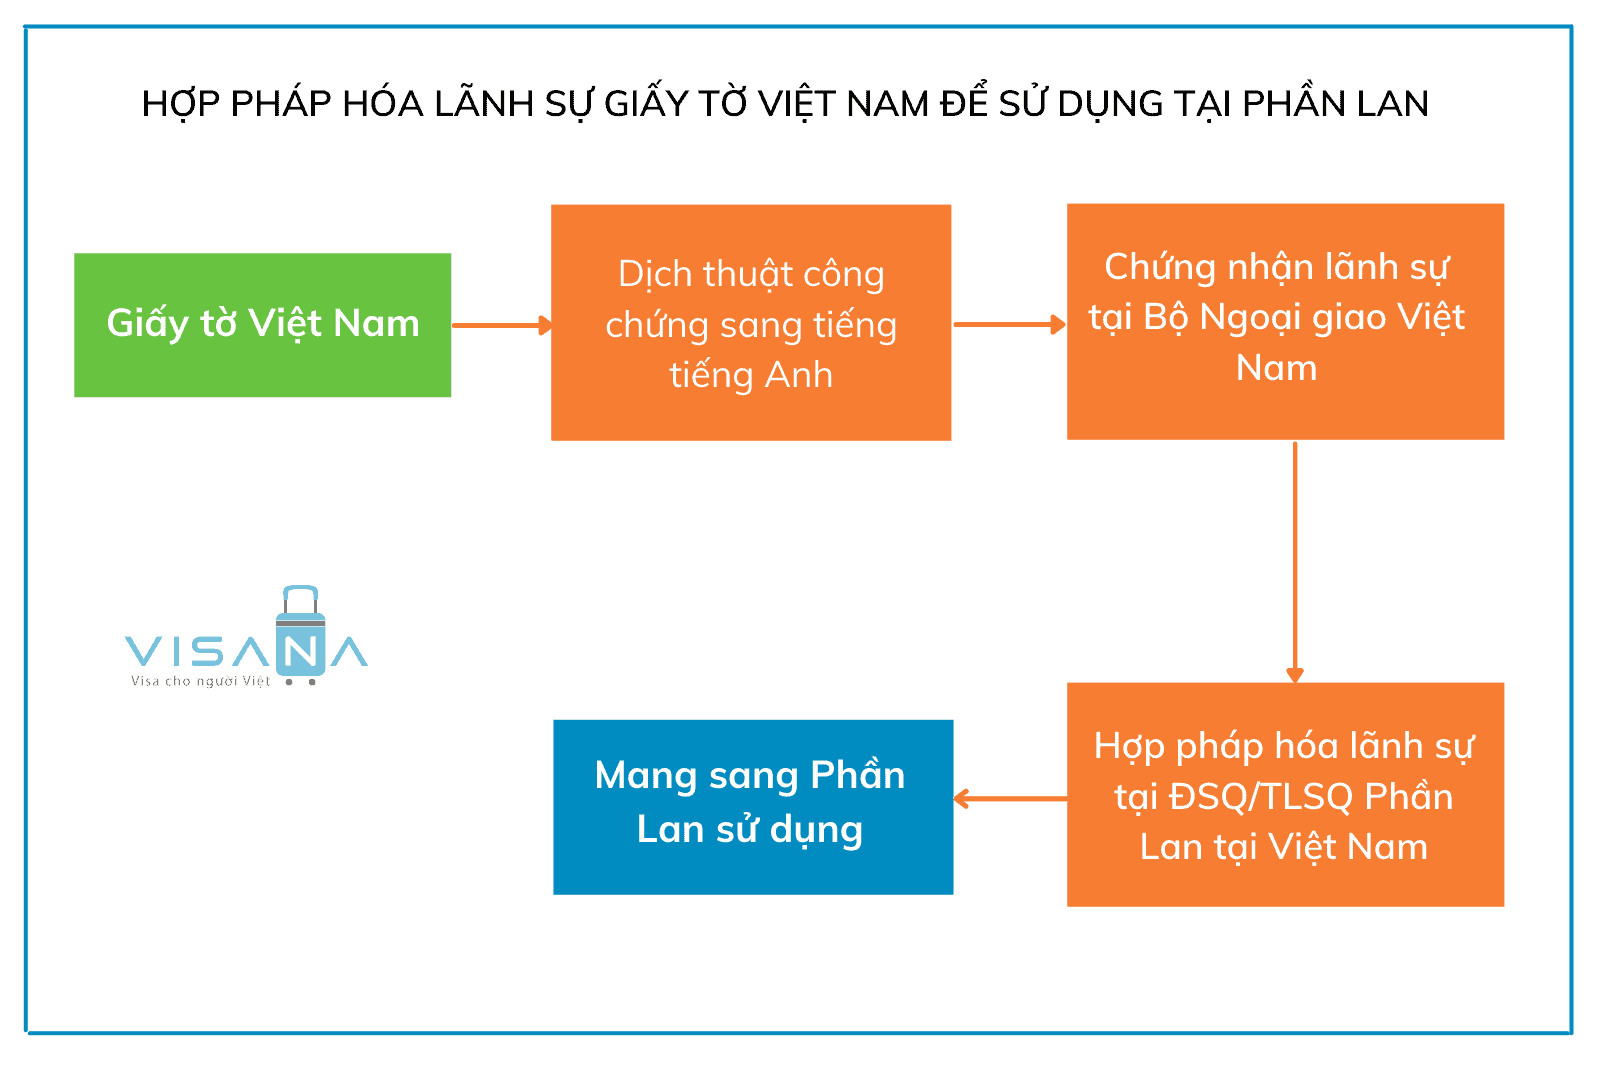 Quy trình hợp pháp hóa lãnh sự Phần Lan cho giấy tờ Việt Nam sử dụng tại Phần Lan